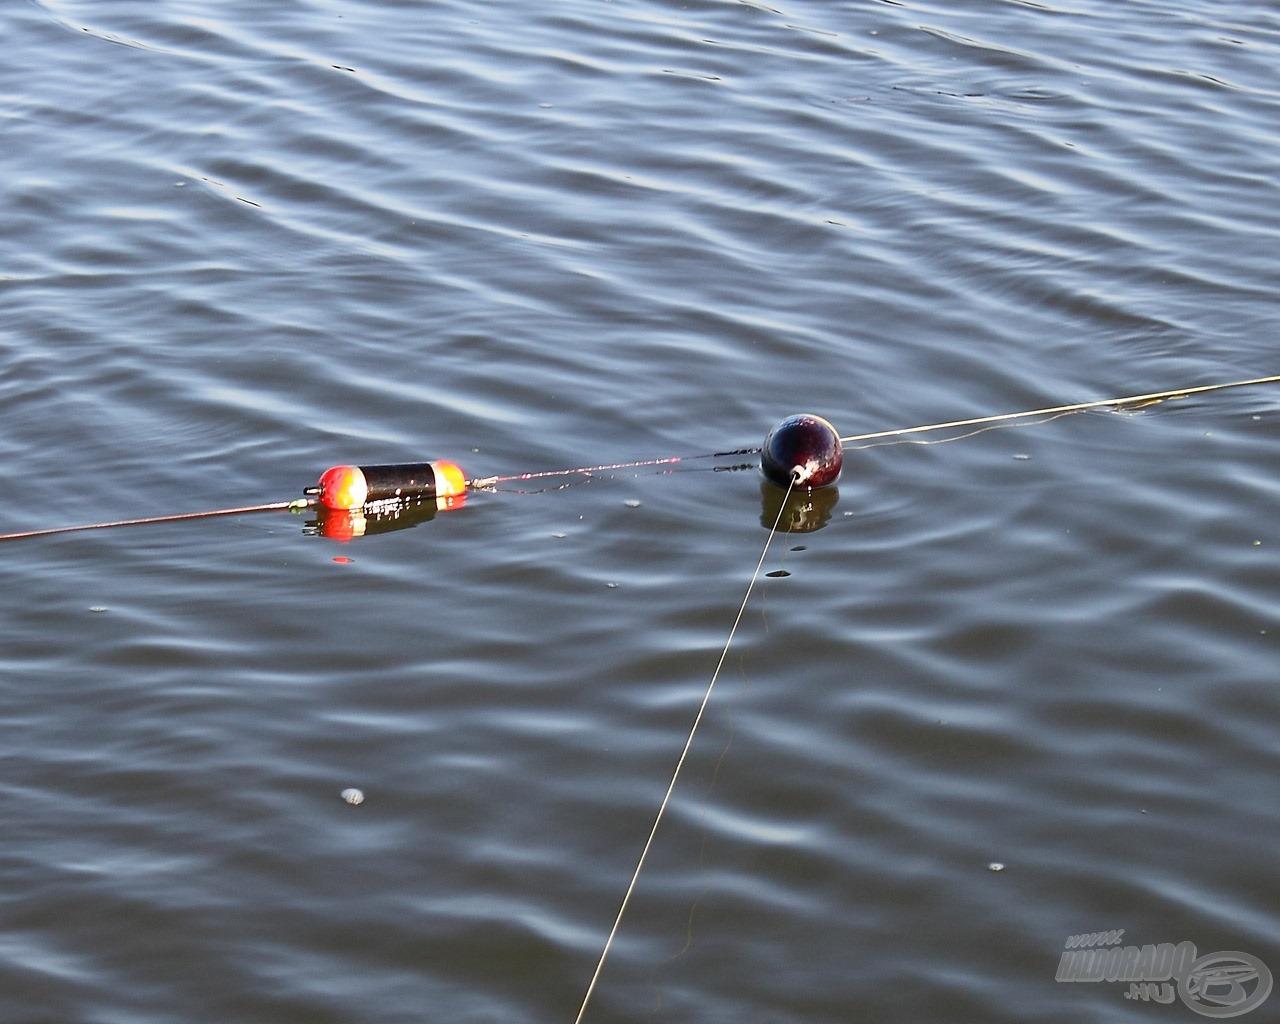 Az előtét bója és az úszó között a rövid monofil zsinór van, ami kapáskor elszakad